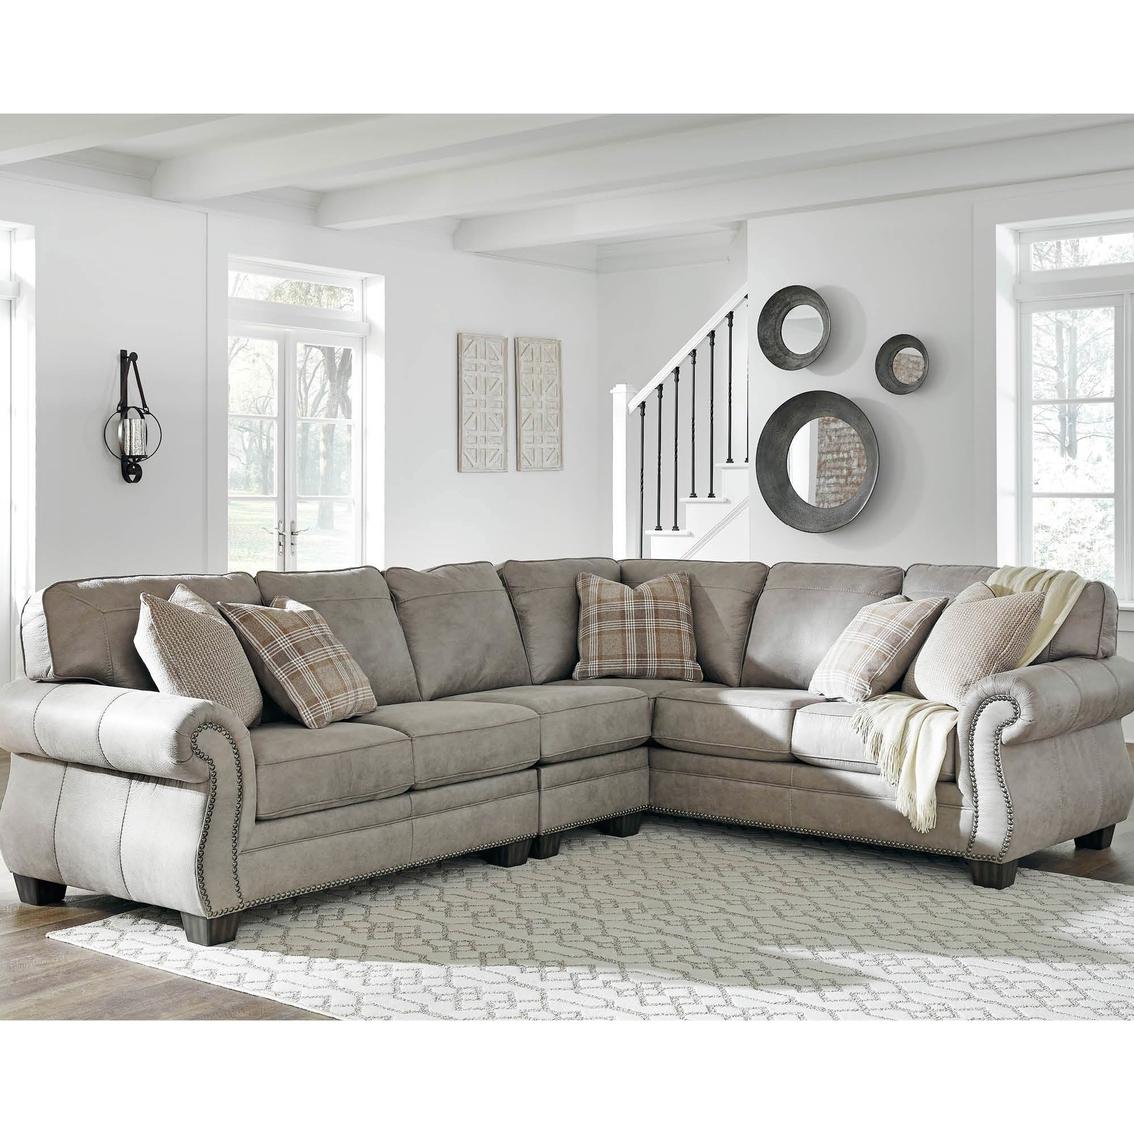 Fashionable Signature Designashley Olsberg 3 Pc (View 19 of 20)